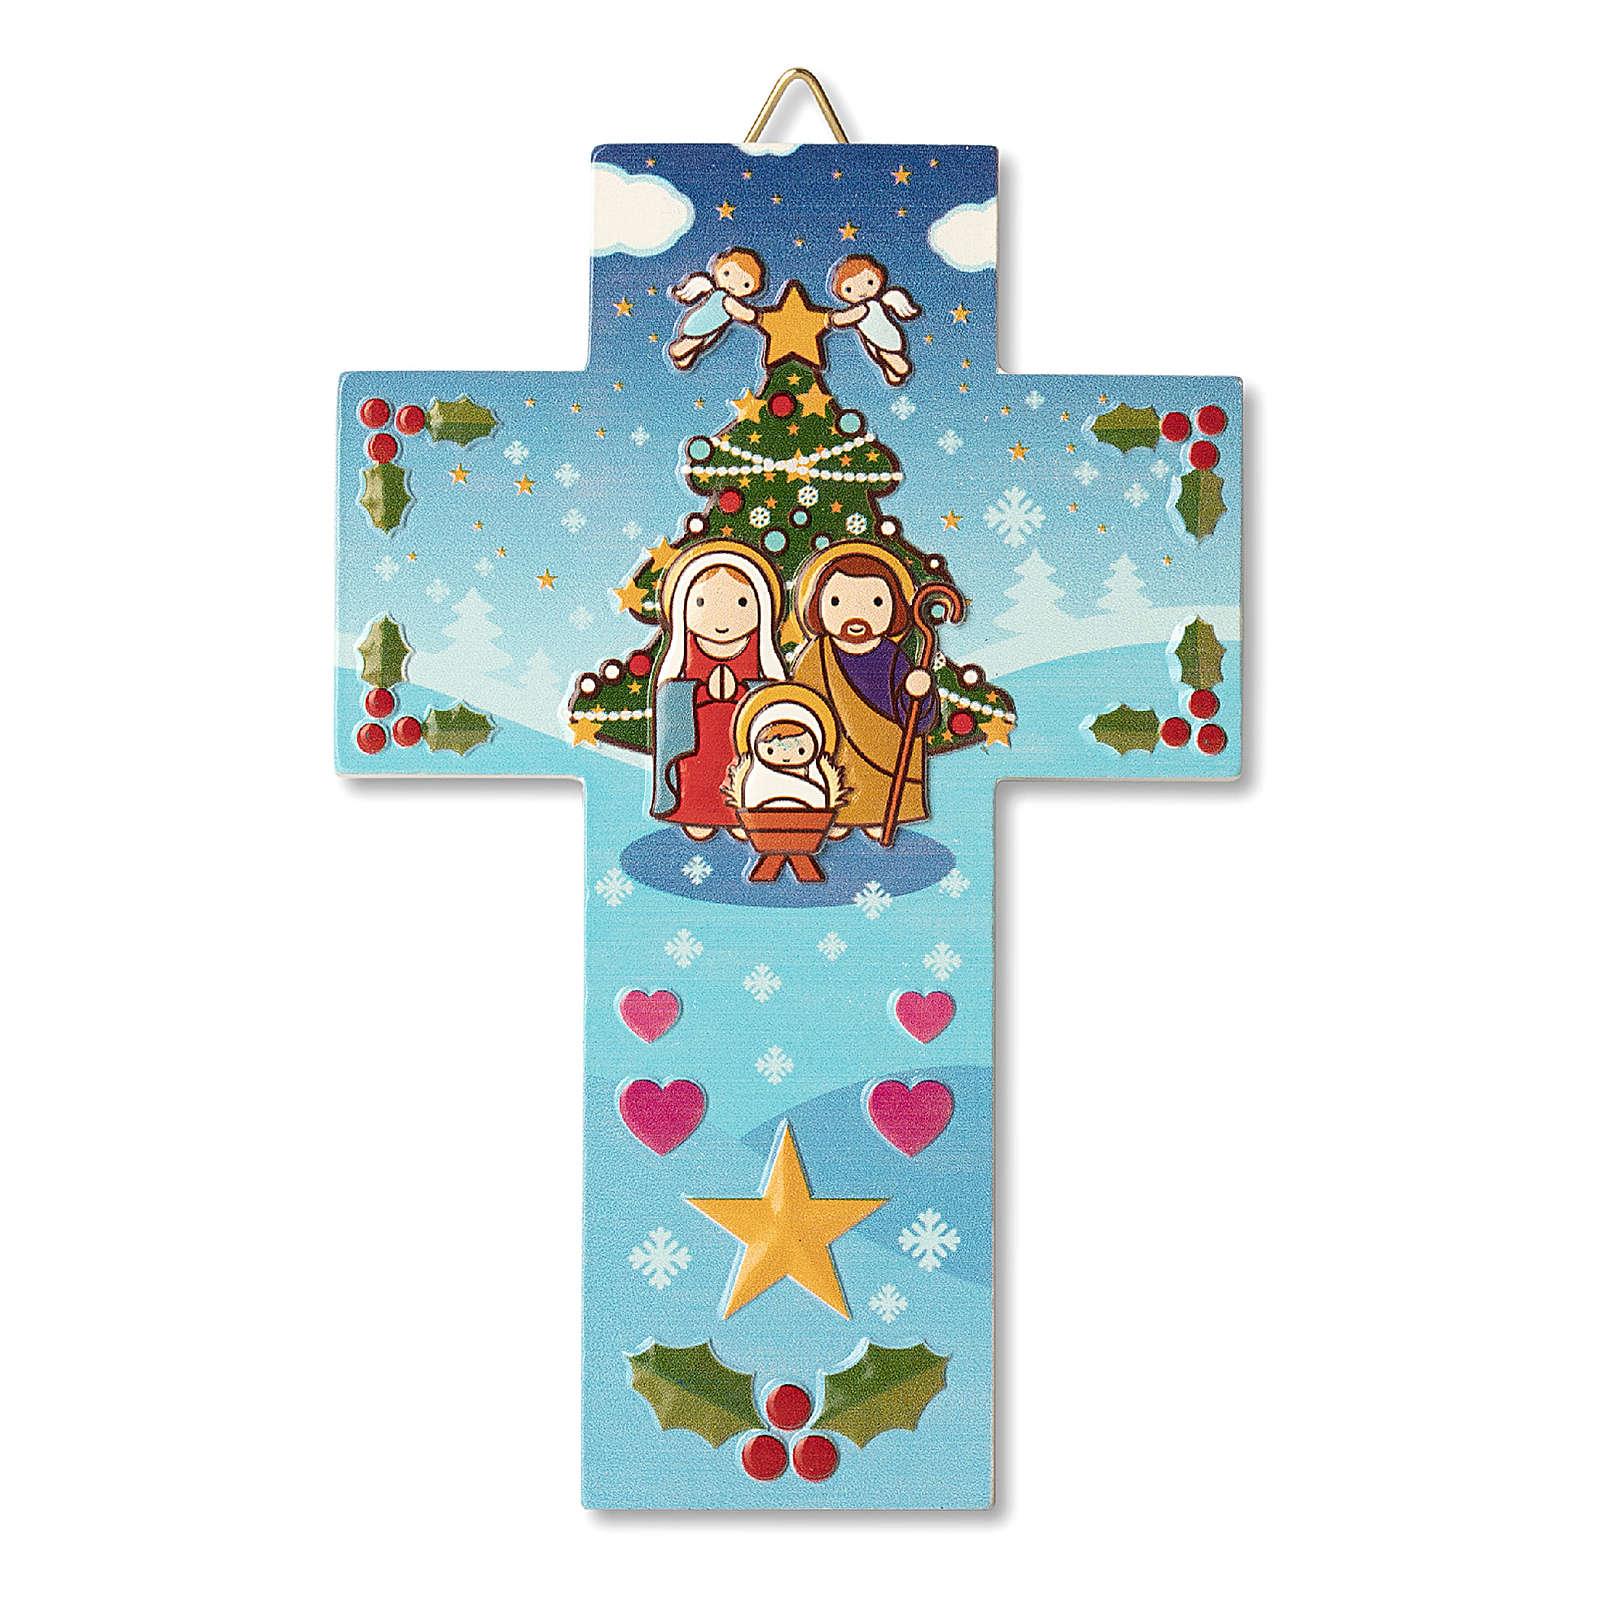 Décoration de Noël en croix crèche prière Noël chaque fois que tu souris 3